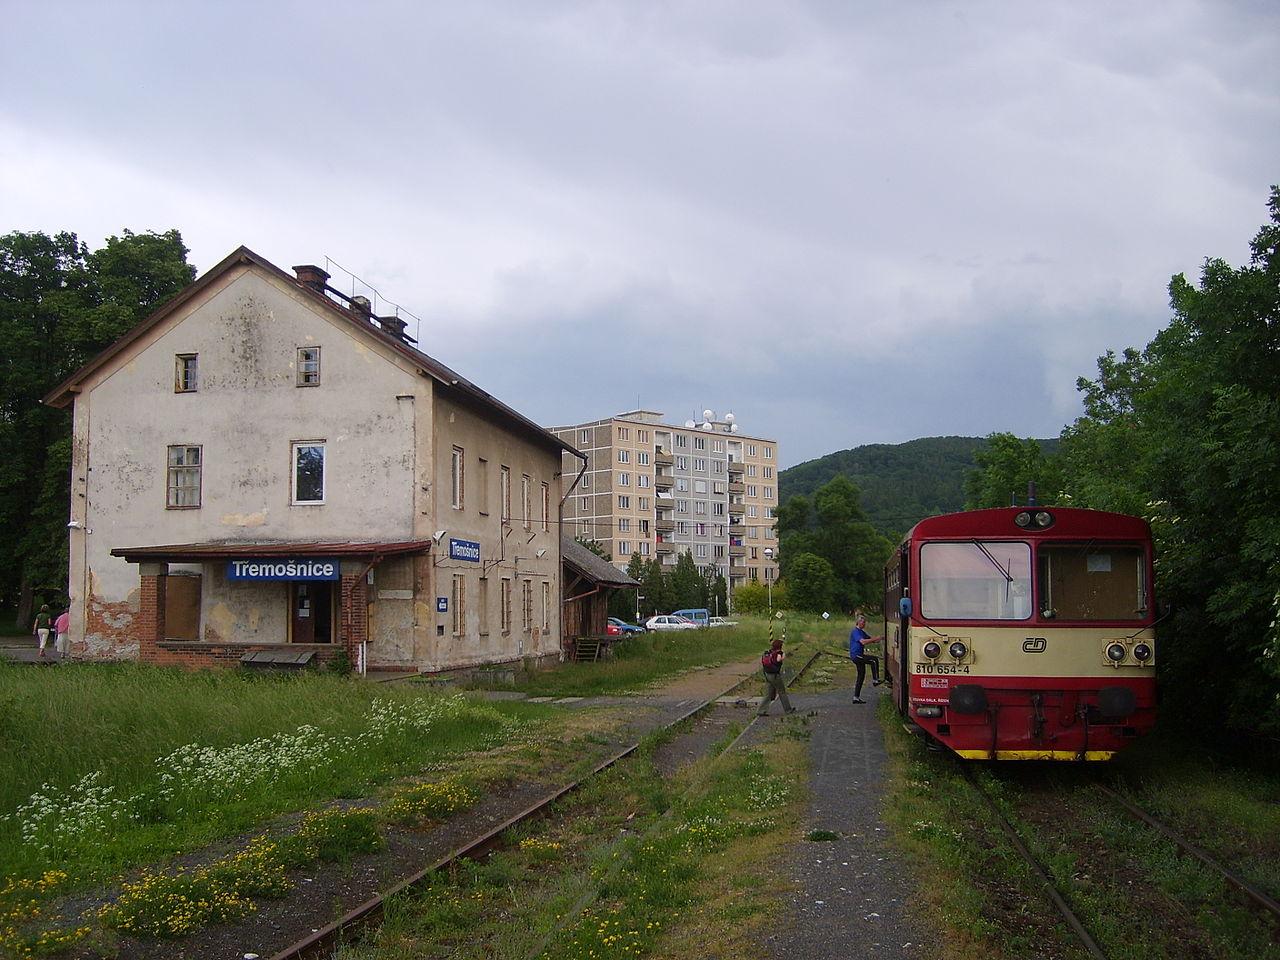 Konečná trati 236 Třemošnice. Autor: Jan Pešula (Sapfan) – Vlastní dílo, Volné dílo, https://commons.wikimedia.org/w/index.php?curid=3985045